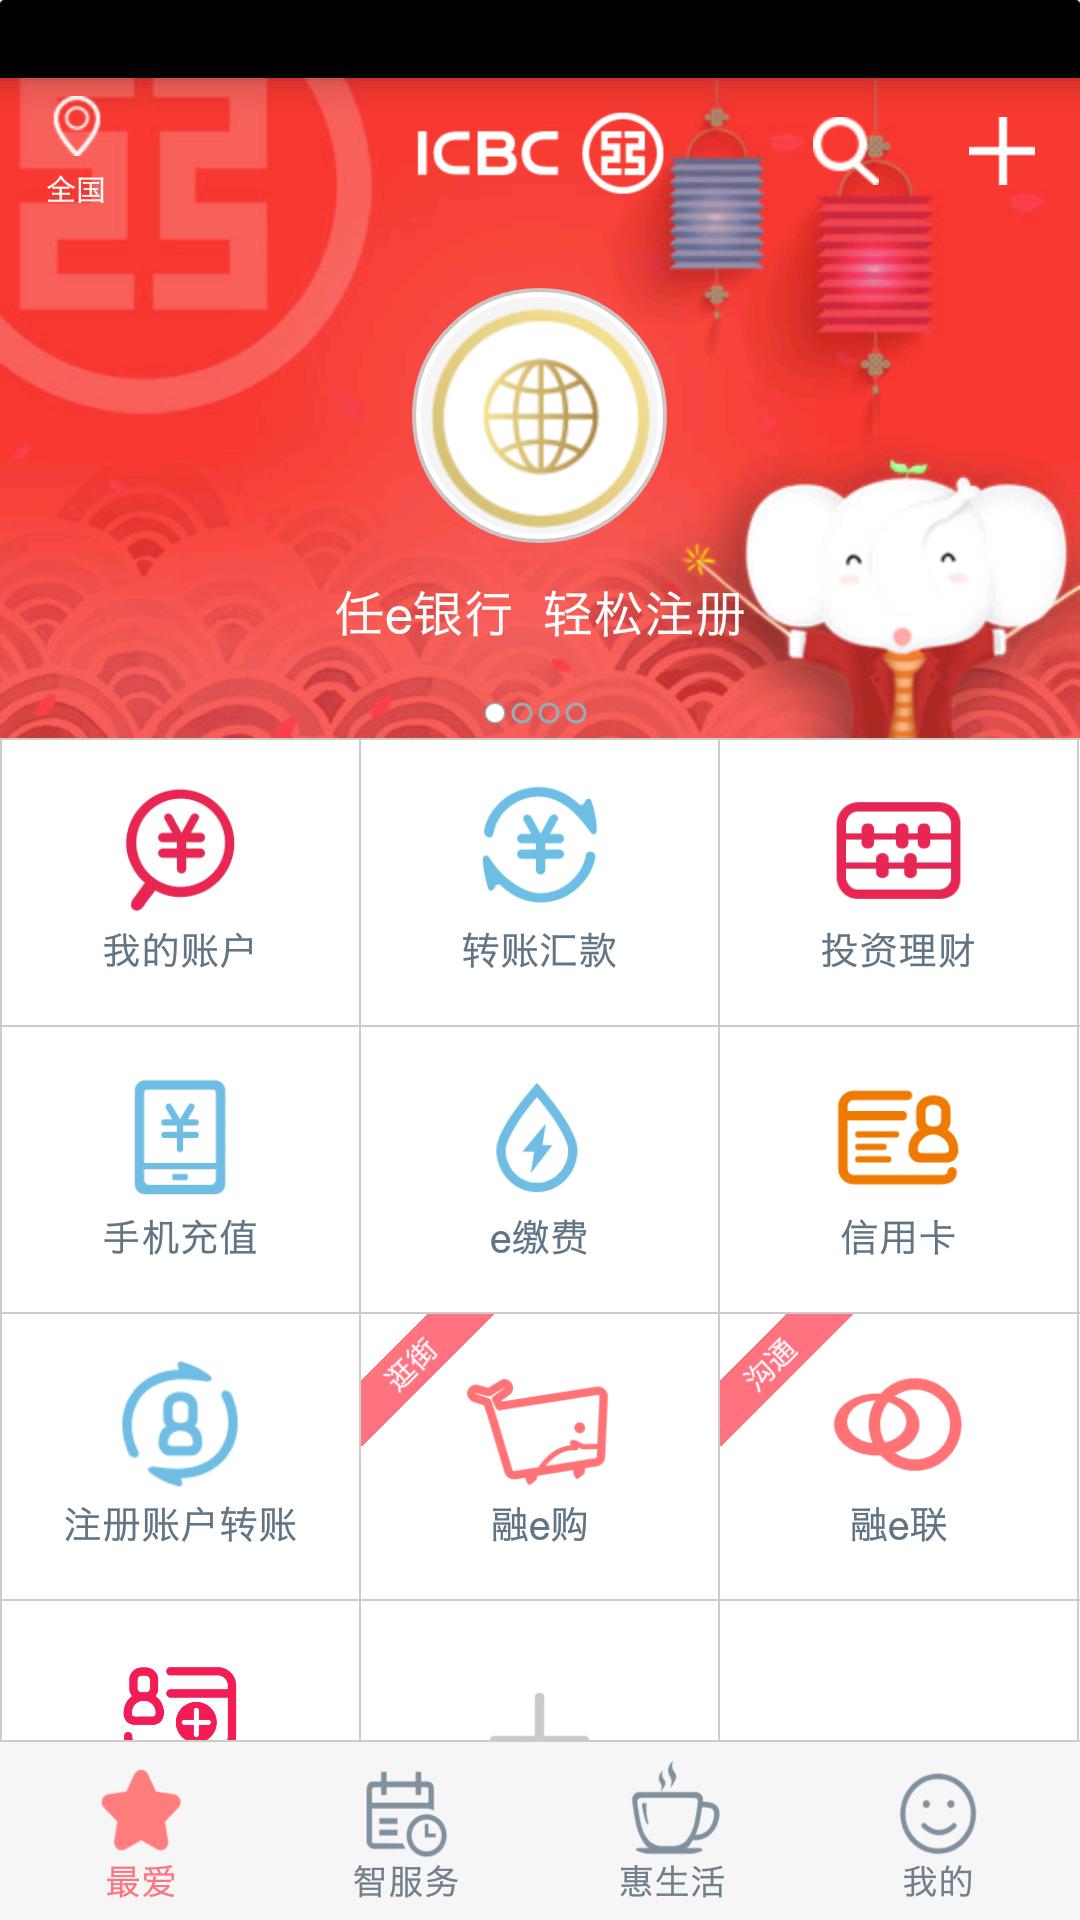 中国工商银行-应用截图